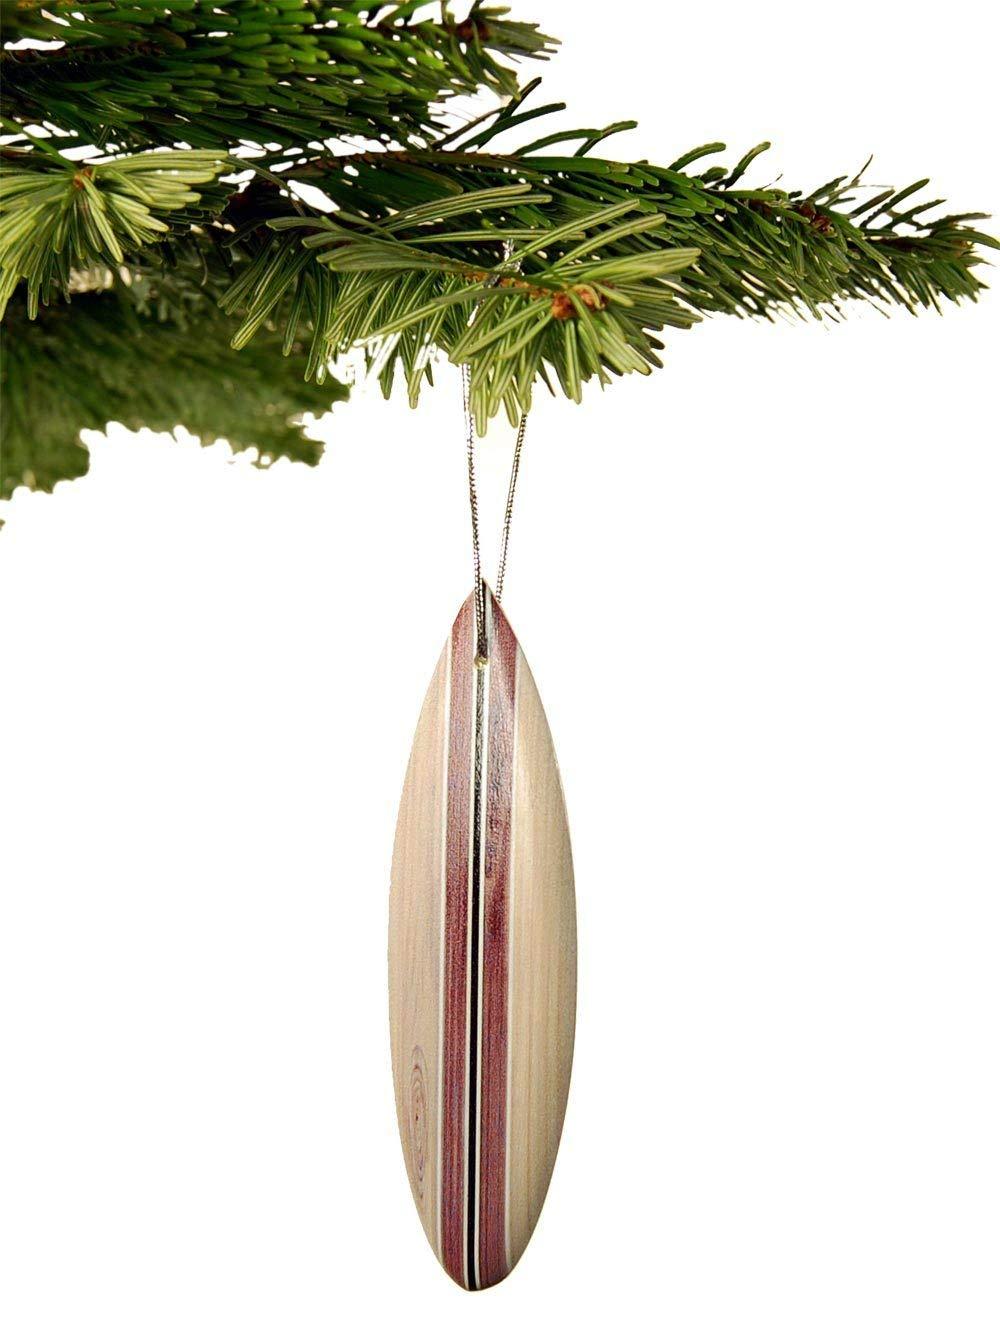 Seestern Sportswear Surfboard Weihnachtsbaum Christbaum Schmuck Weihnachtsdeko Surfing Xmas //1852 10 er Pack